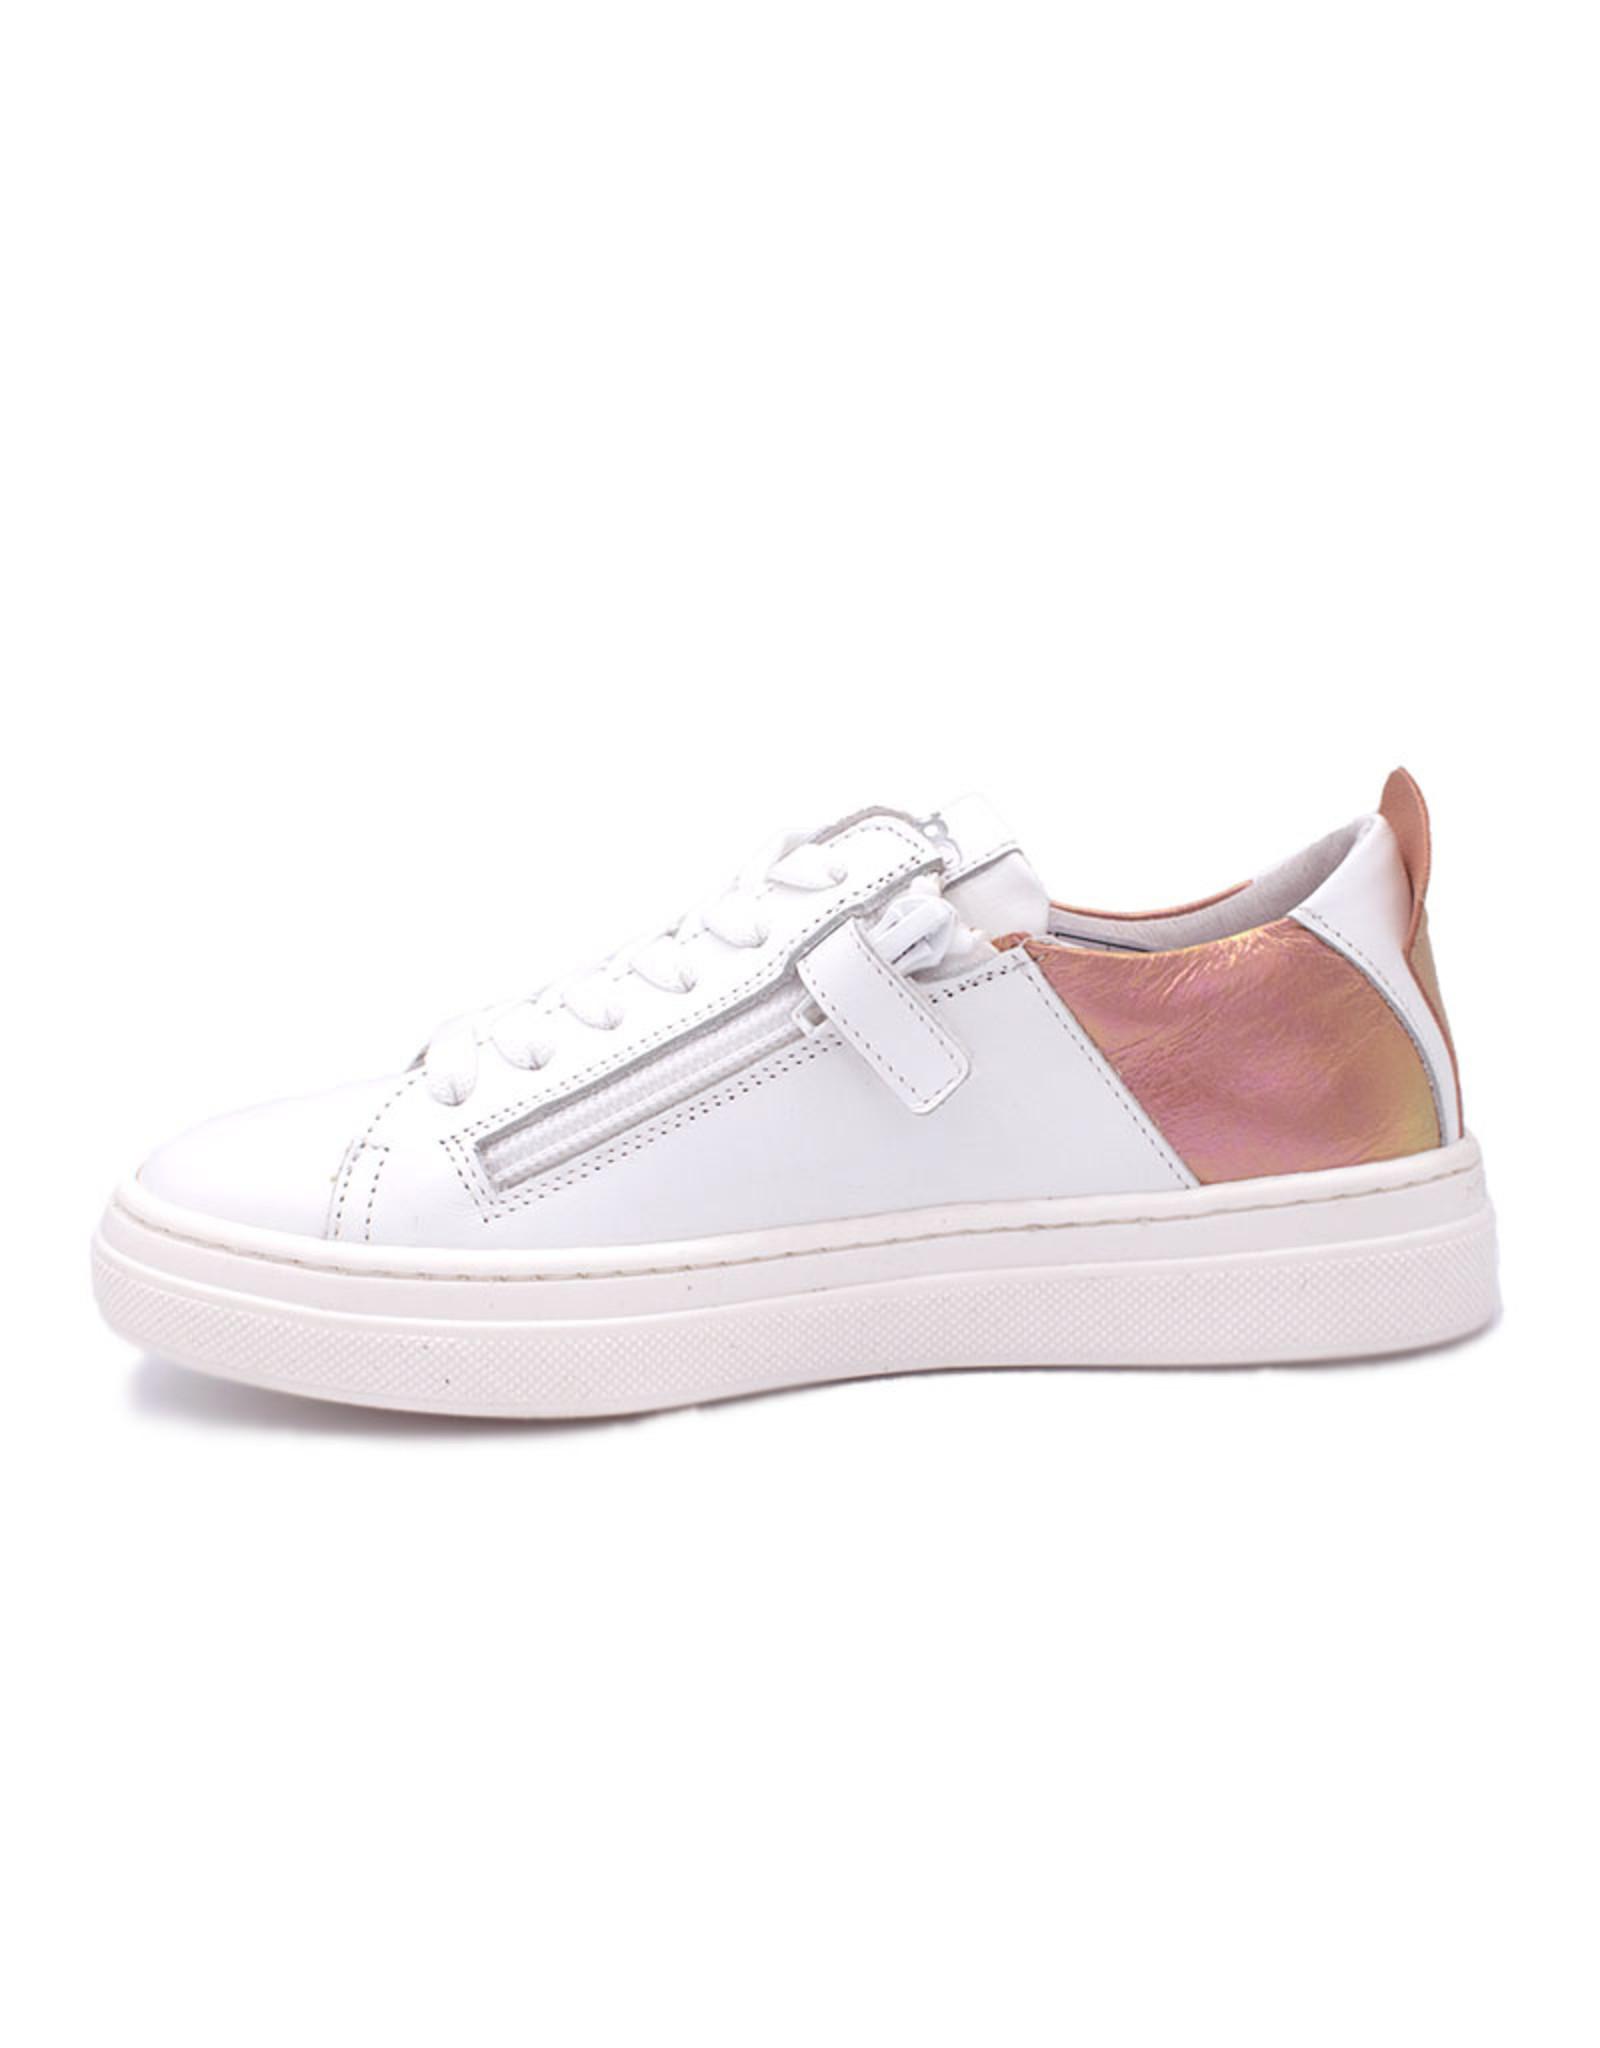 TRIBOO TRIBOO sneaker wit roze